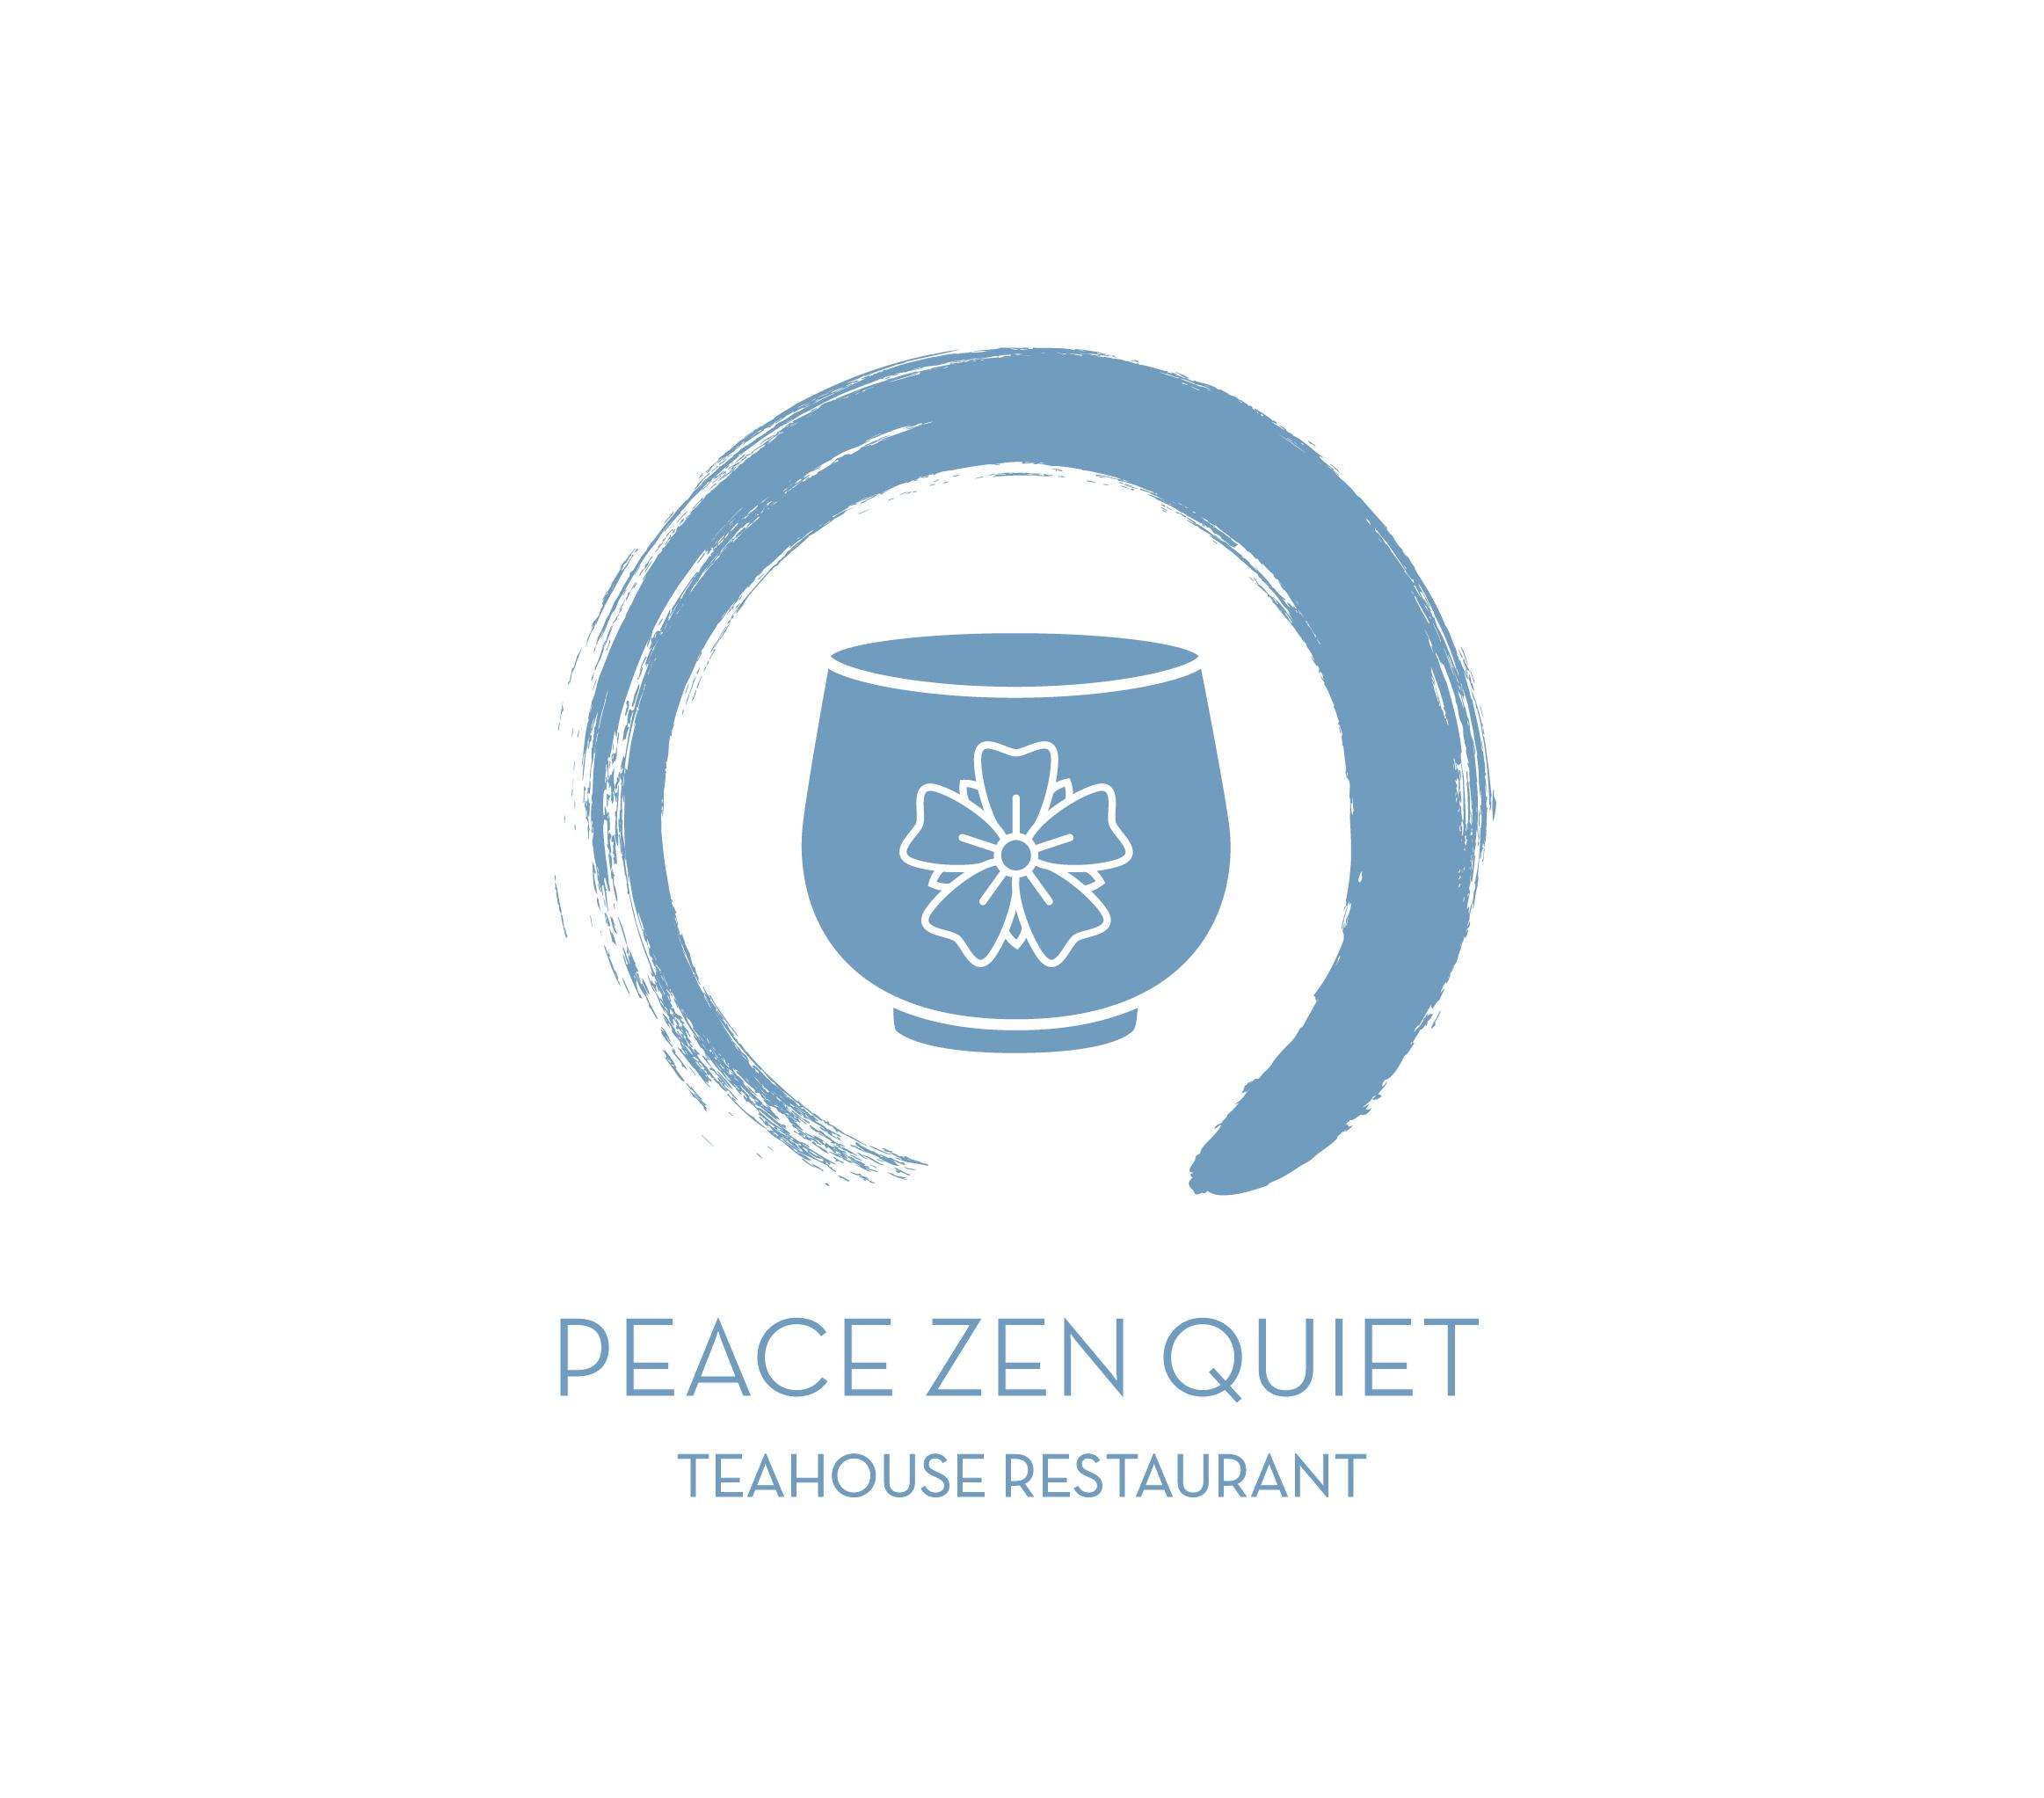 logos_Peace Zen Quiet copy_Peace Zen Quiet copy.jpg